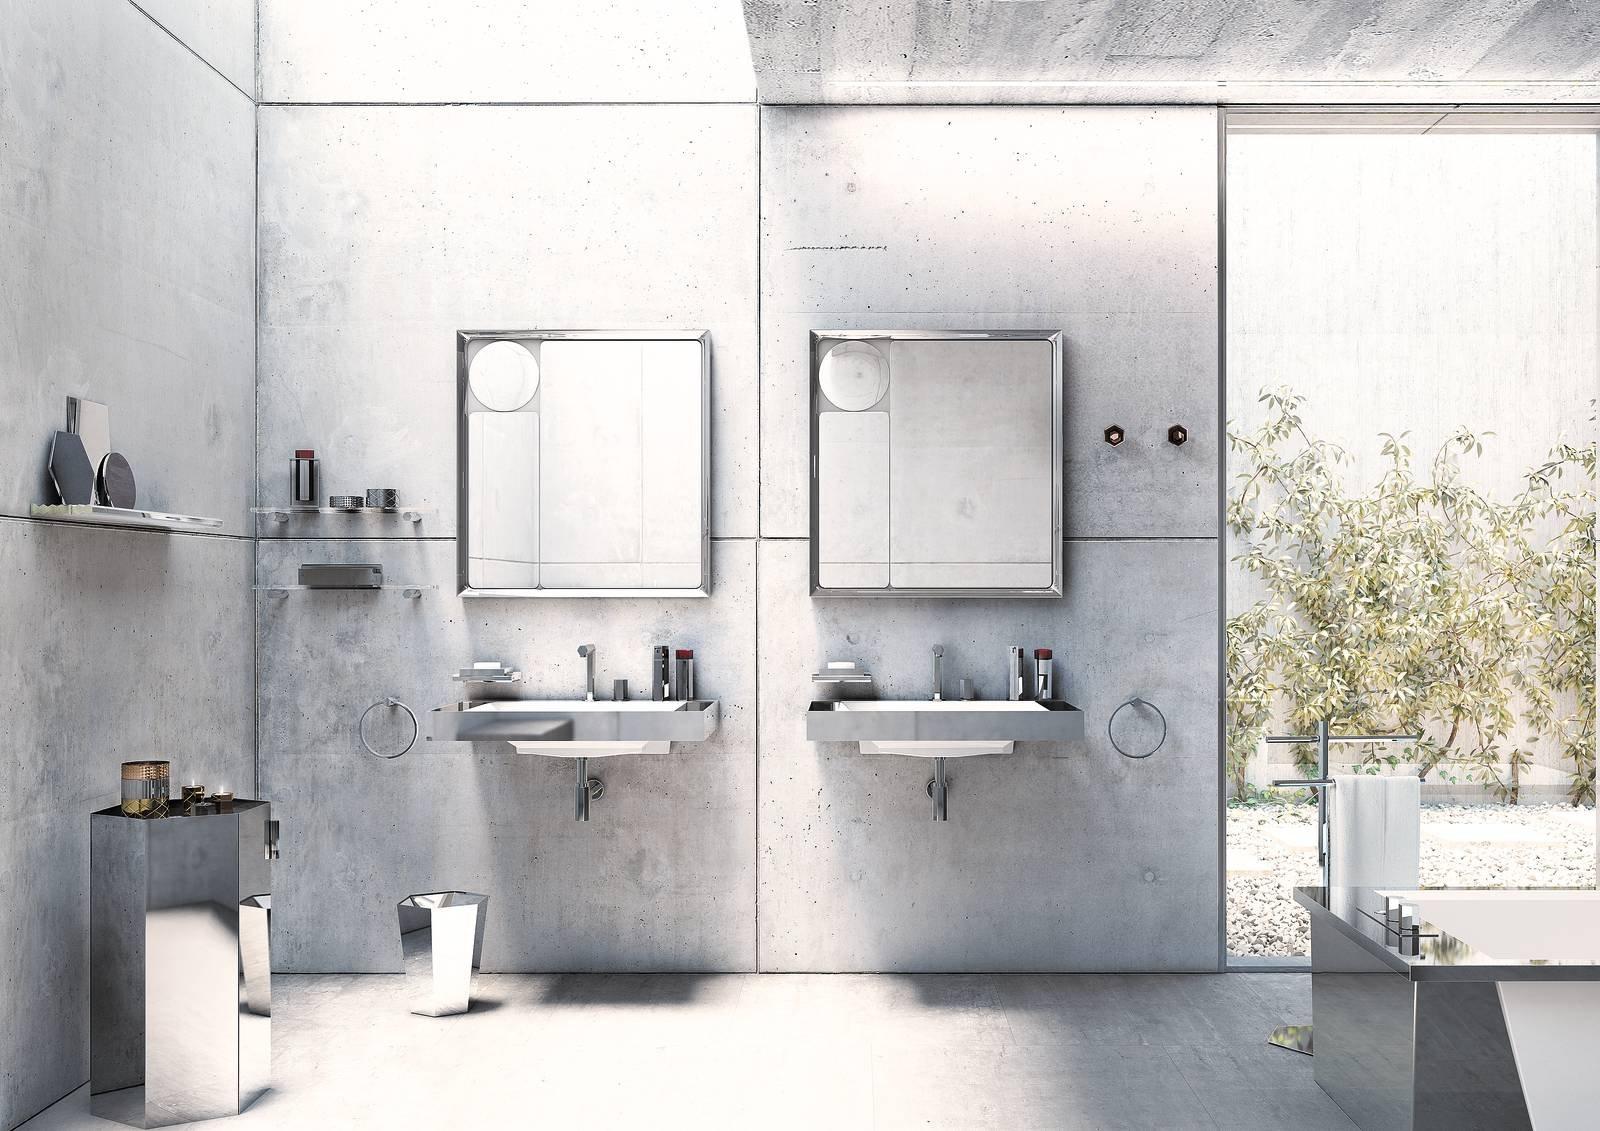 Bagno Chic Opinioni : Per un bagno chic finiture metalliche in grigio cose di casa